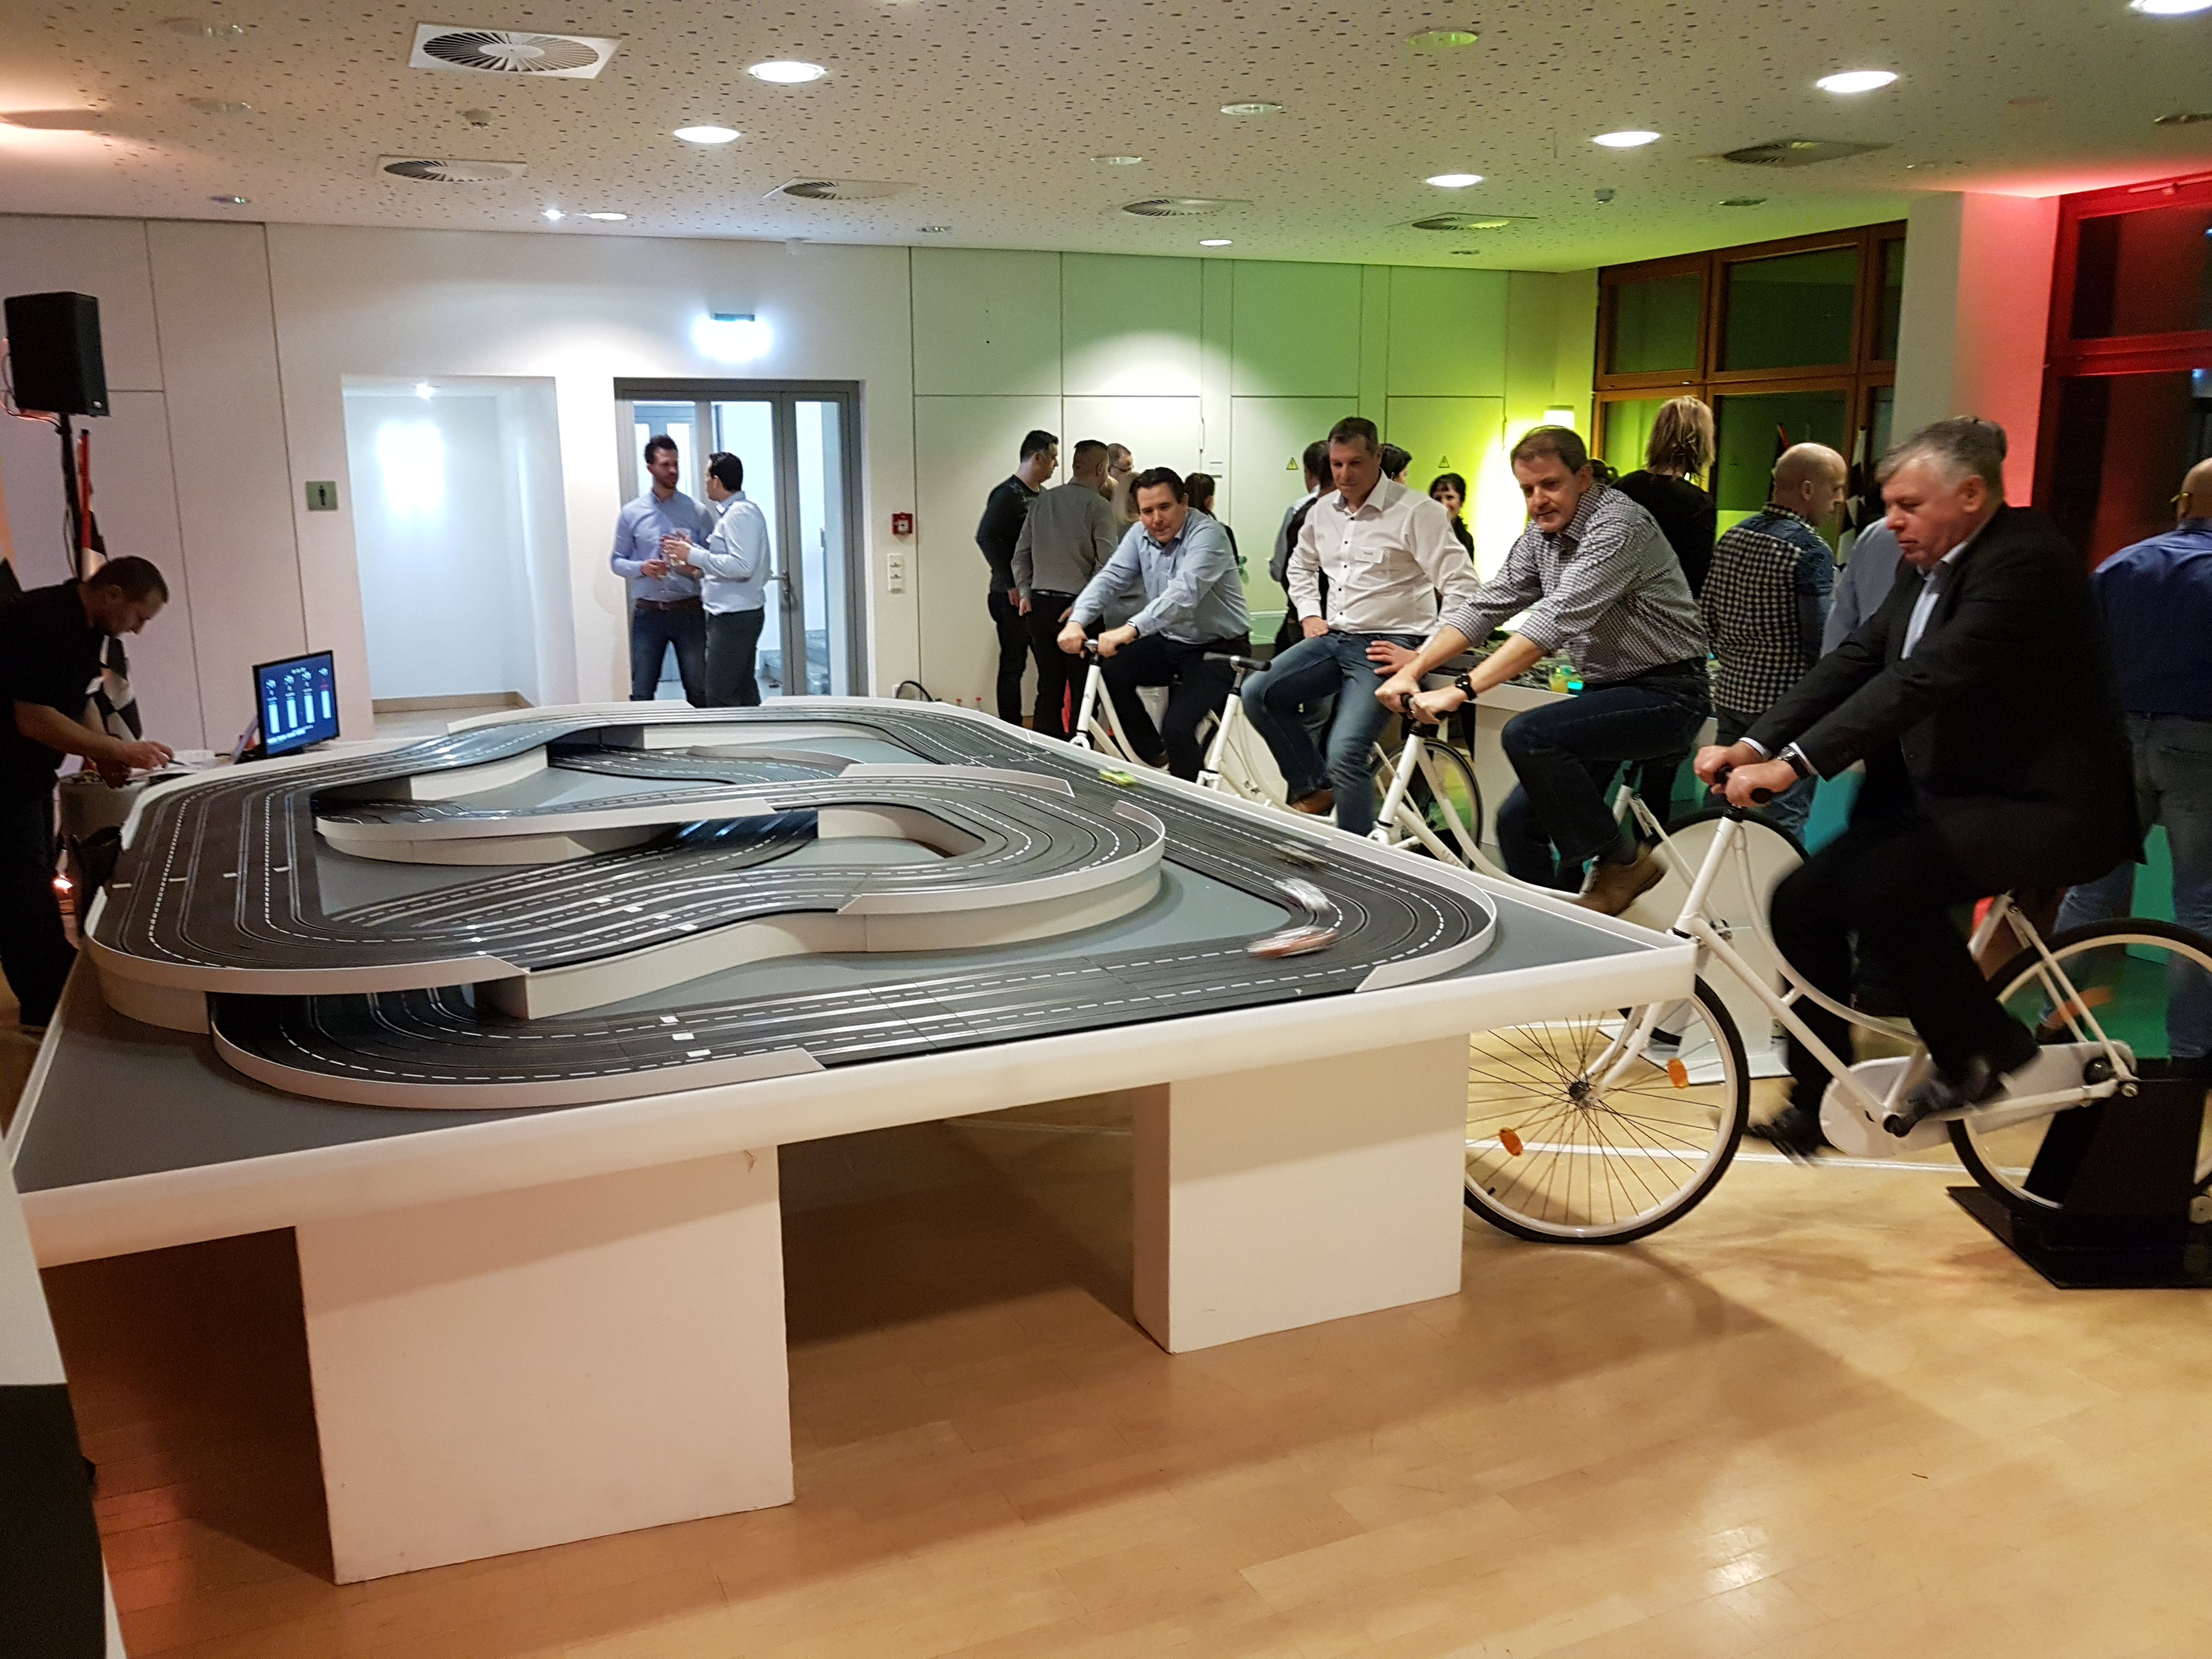 Carrerabahn mit Fahrradantrieb für 4 Fahrer